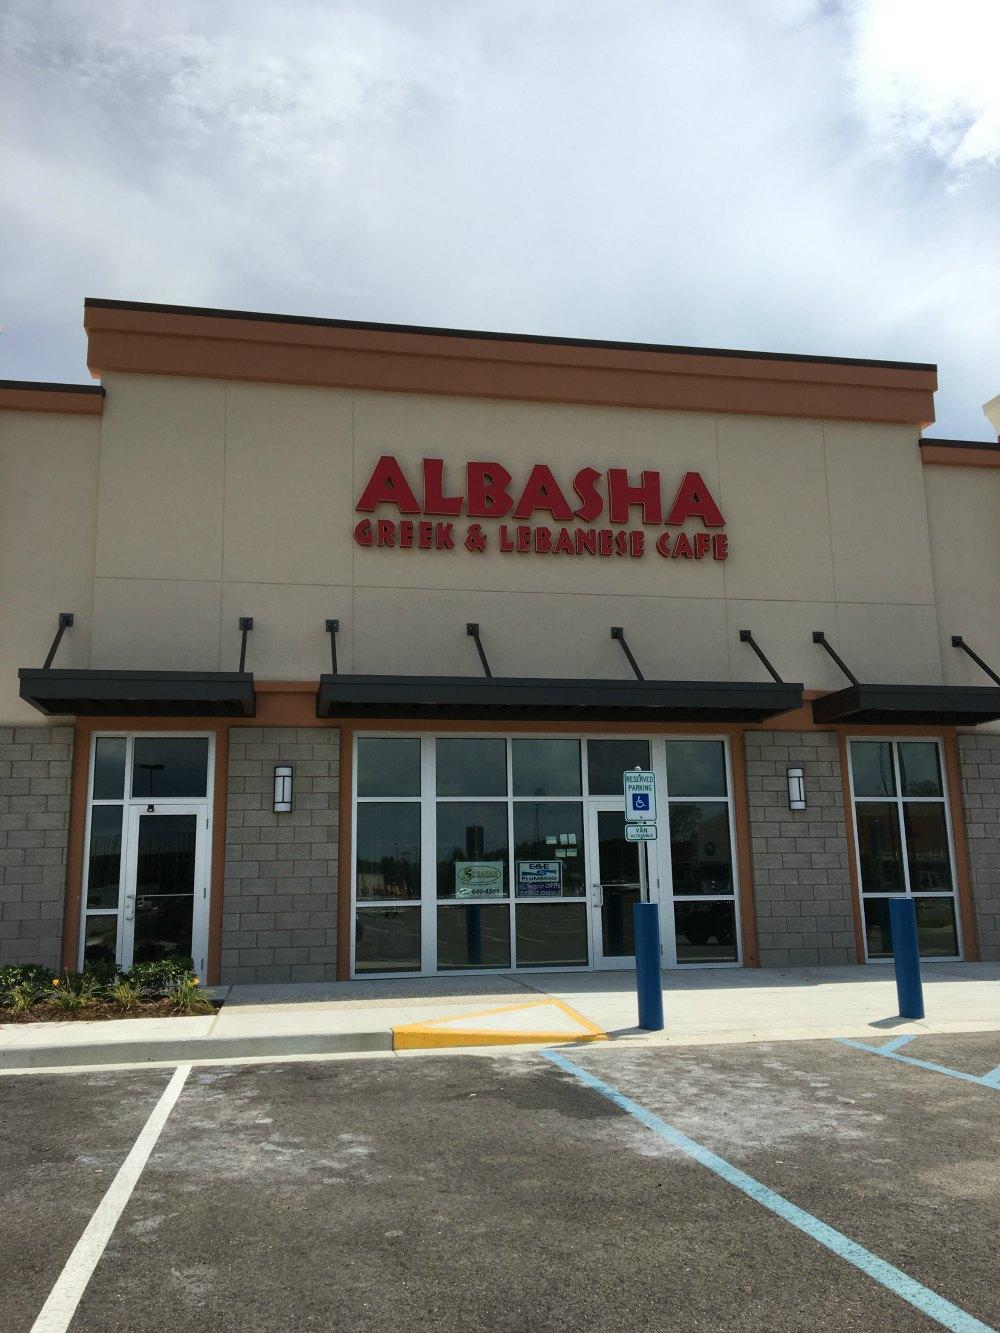 albasha